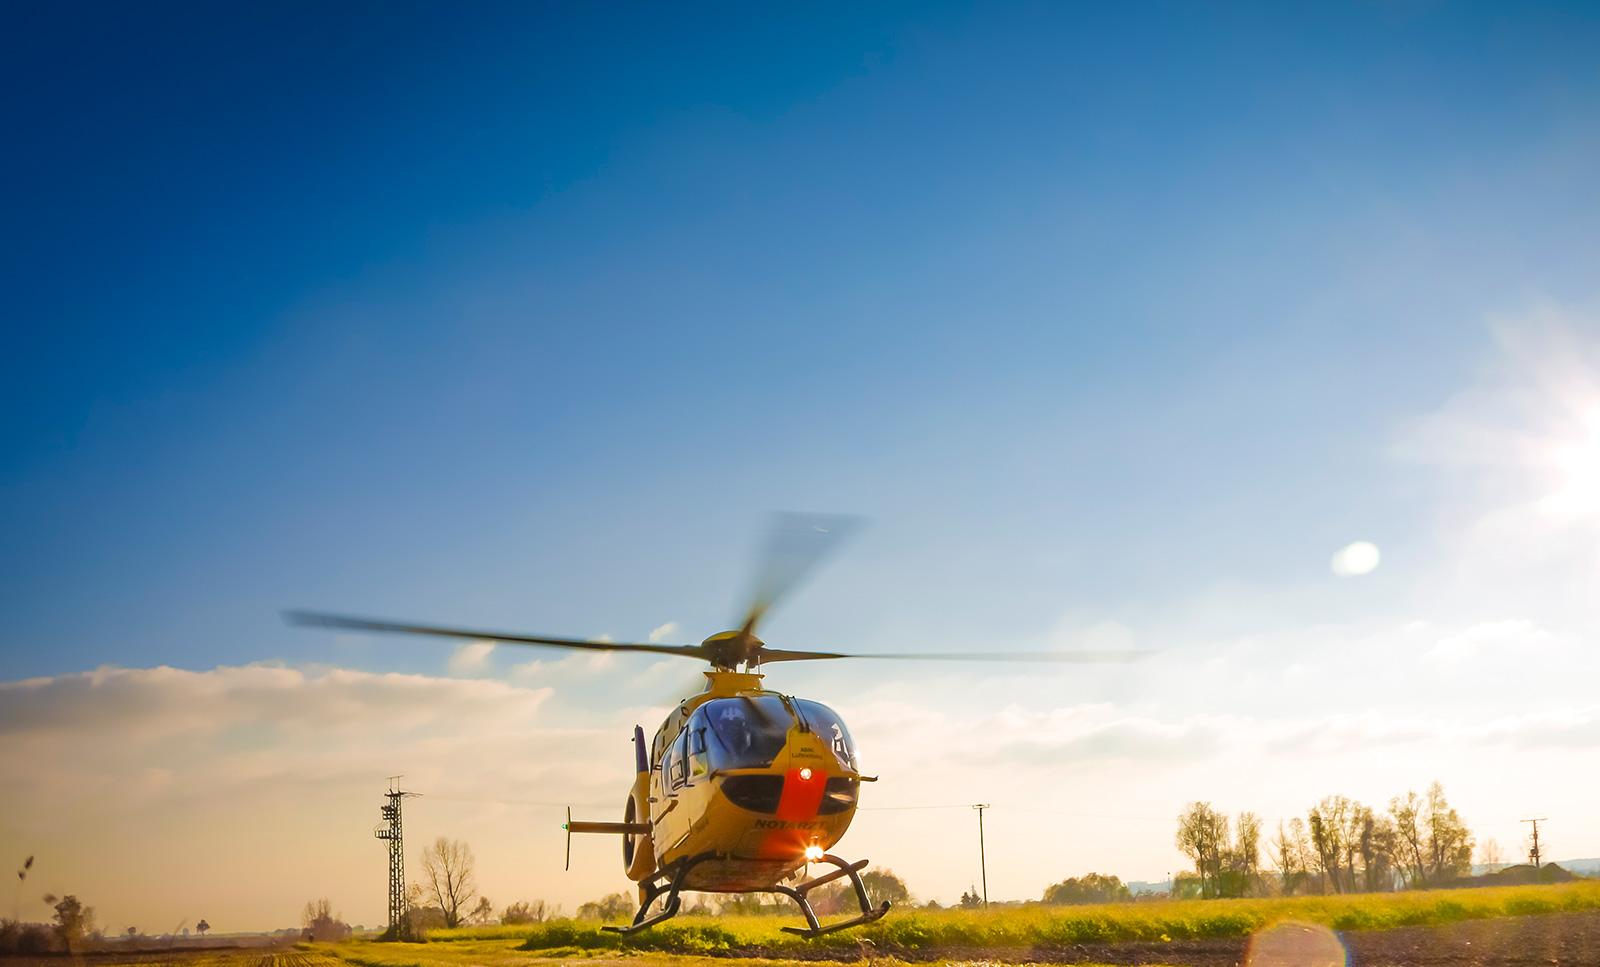 München - Luftrettung fliegt täglich 150 Mal